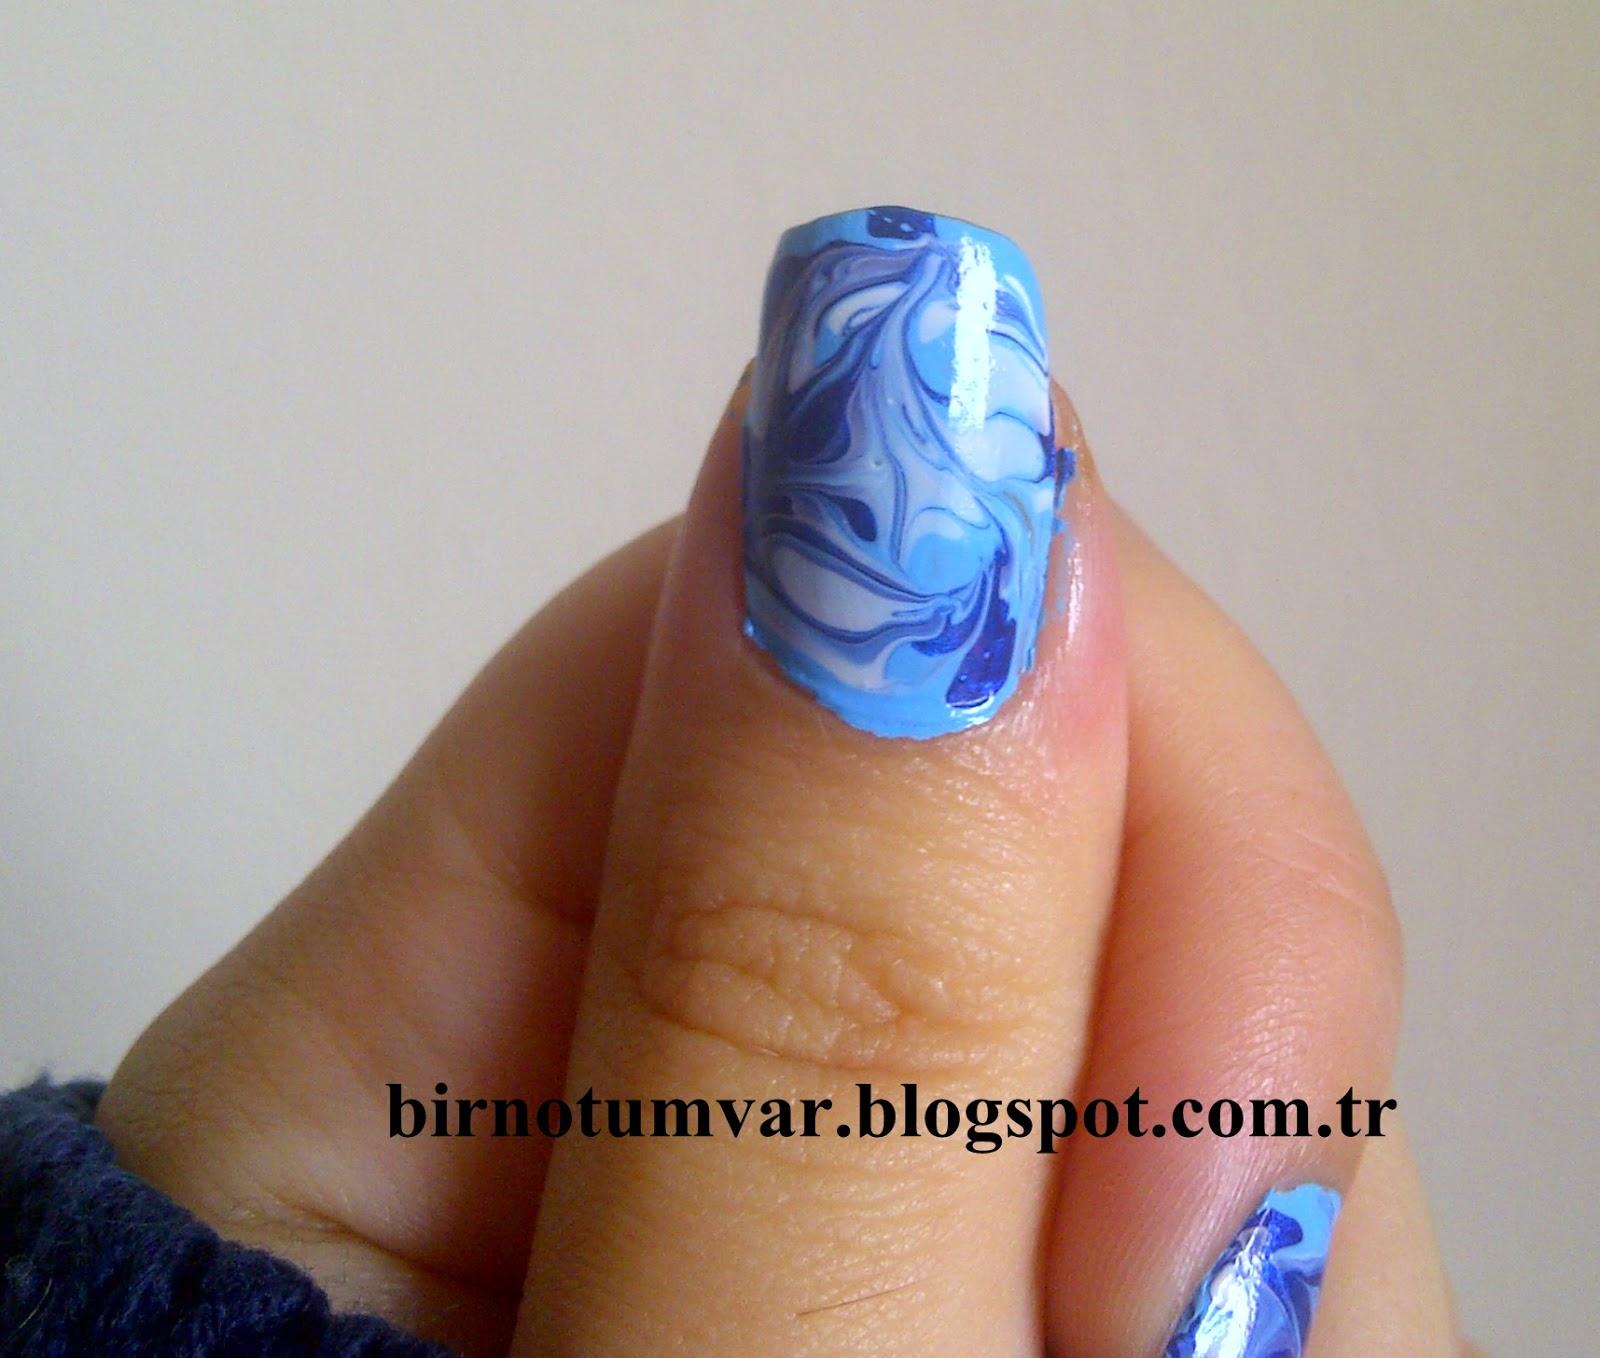 Tırnaklarınıza Koyu Mavi Desenler Verin